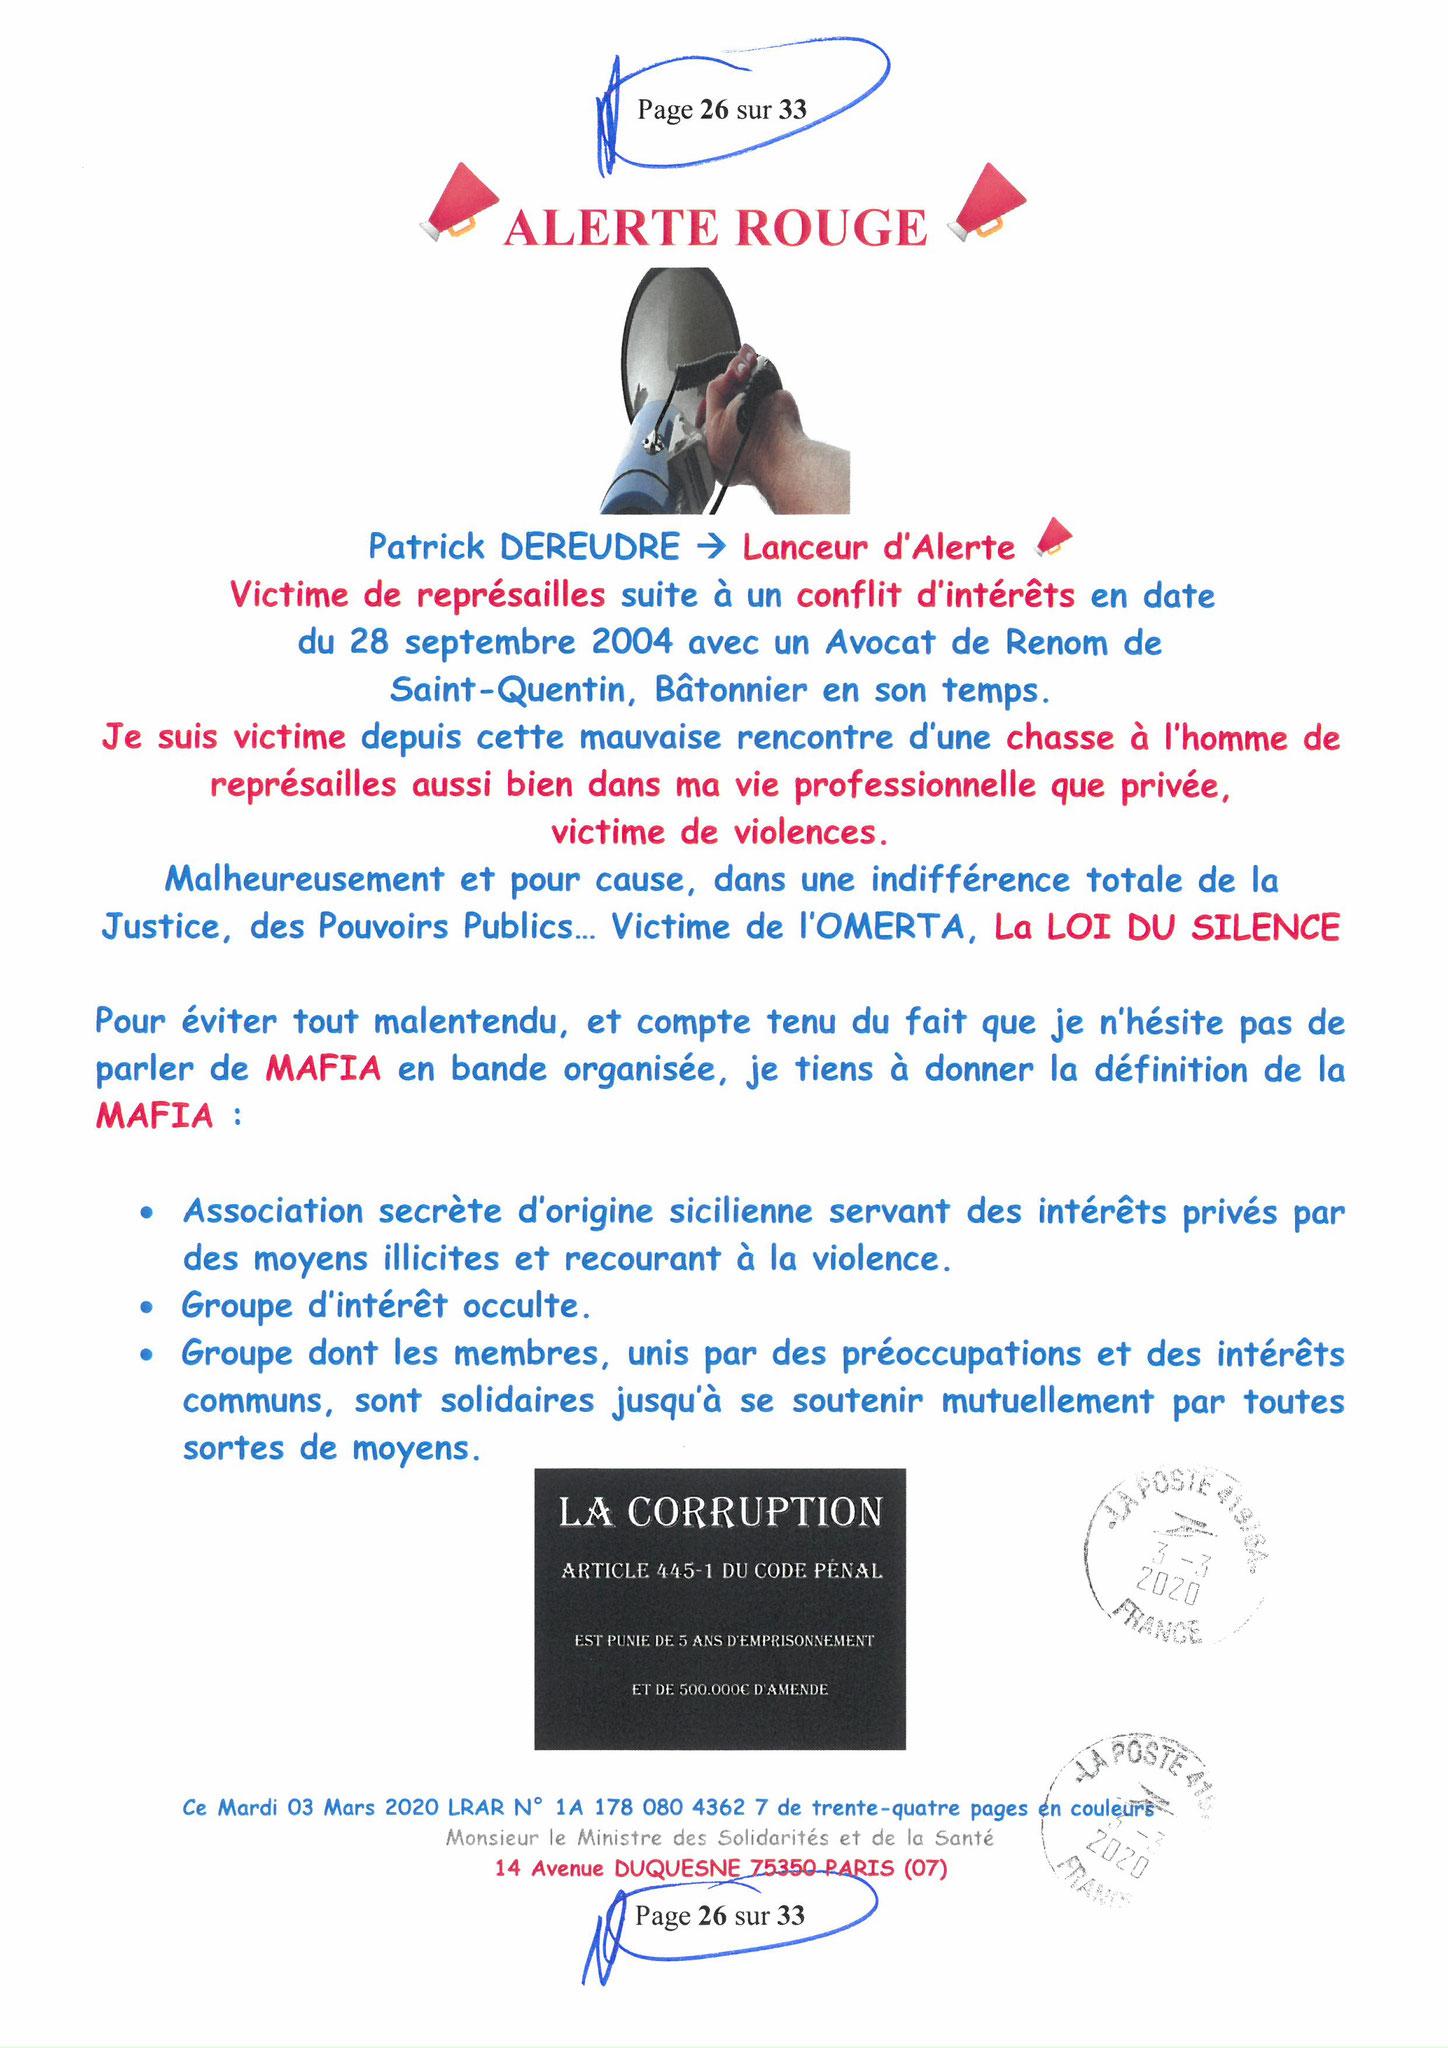 Page 26 sur 33 Ma lettre recommandée N0 1A 178 080 4362 7 du 03 Mars 2020 à Monsieur Olivier VERAN le Ministre de la Santé et des Solidarités www.jesuispatrick.fr www.jesuisvictime.fr www.alerte-rouge-france.fr